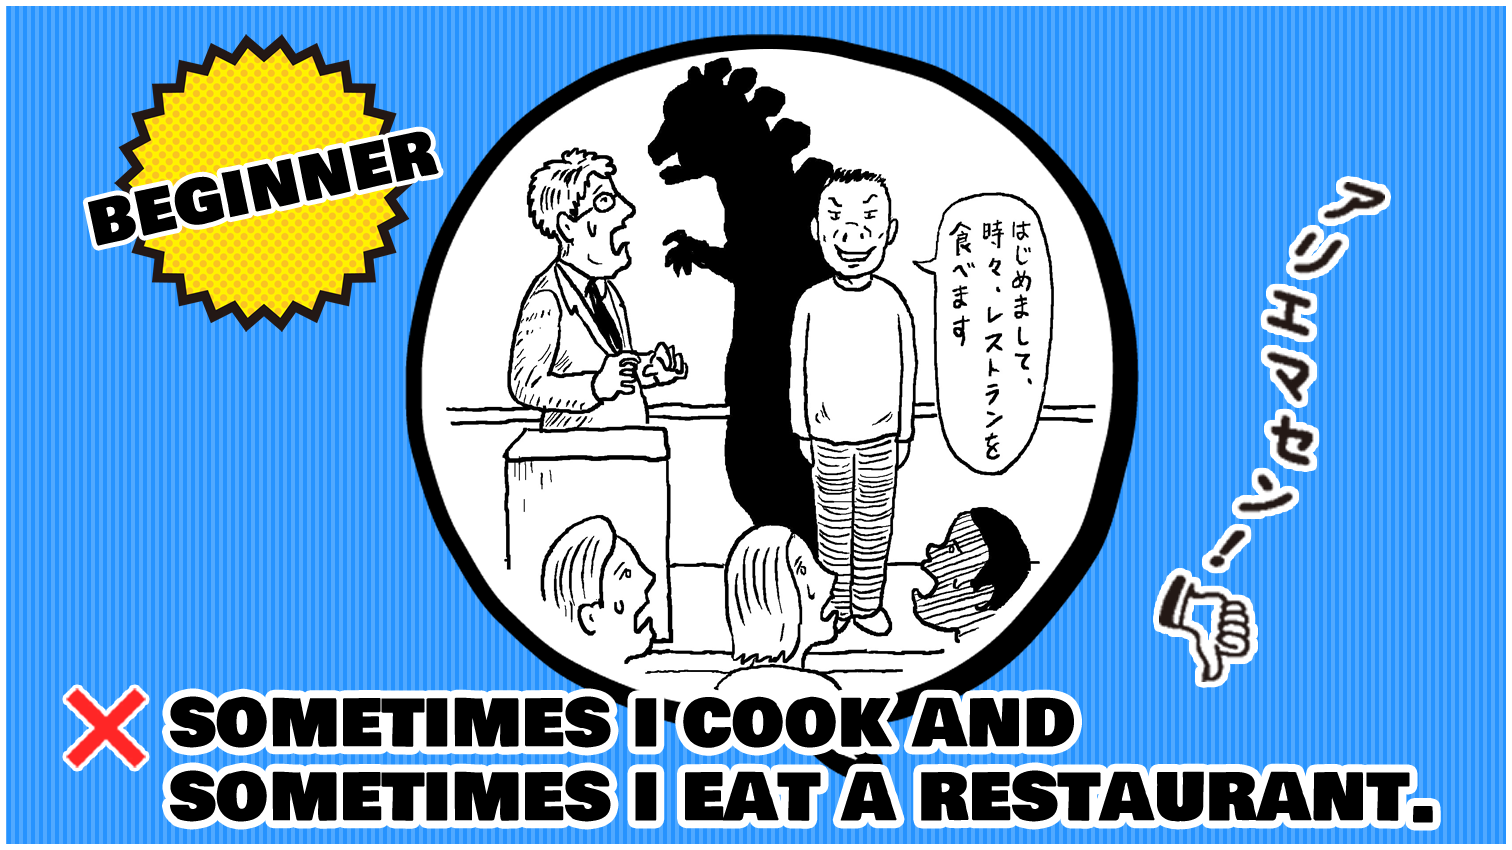 時々自炊しして、時々レストランを食べます